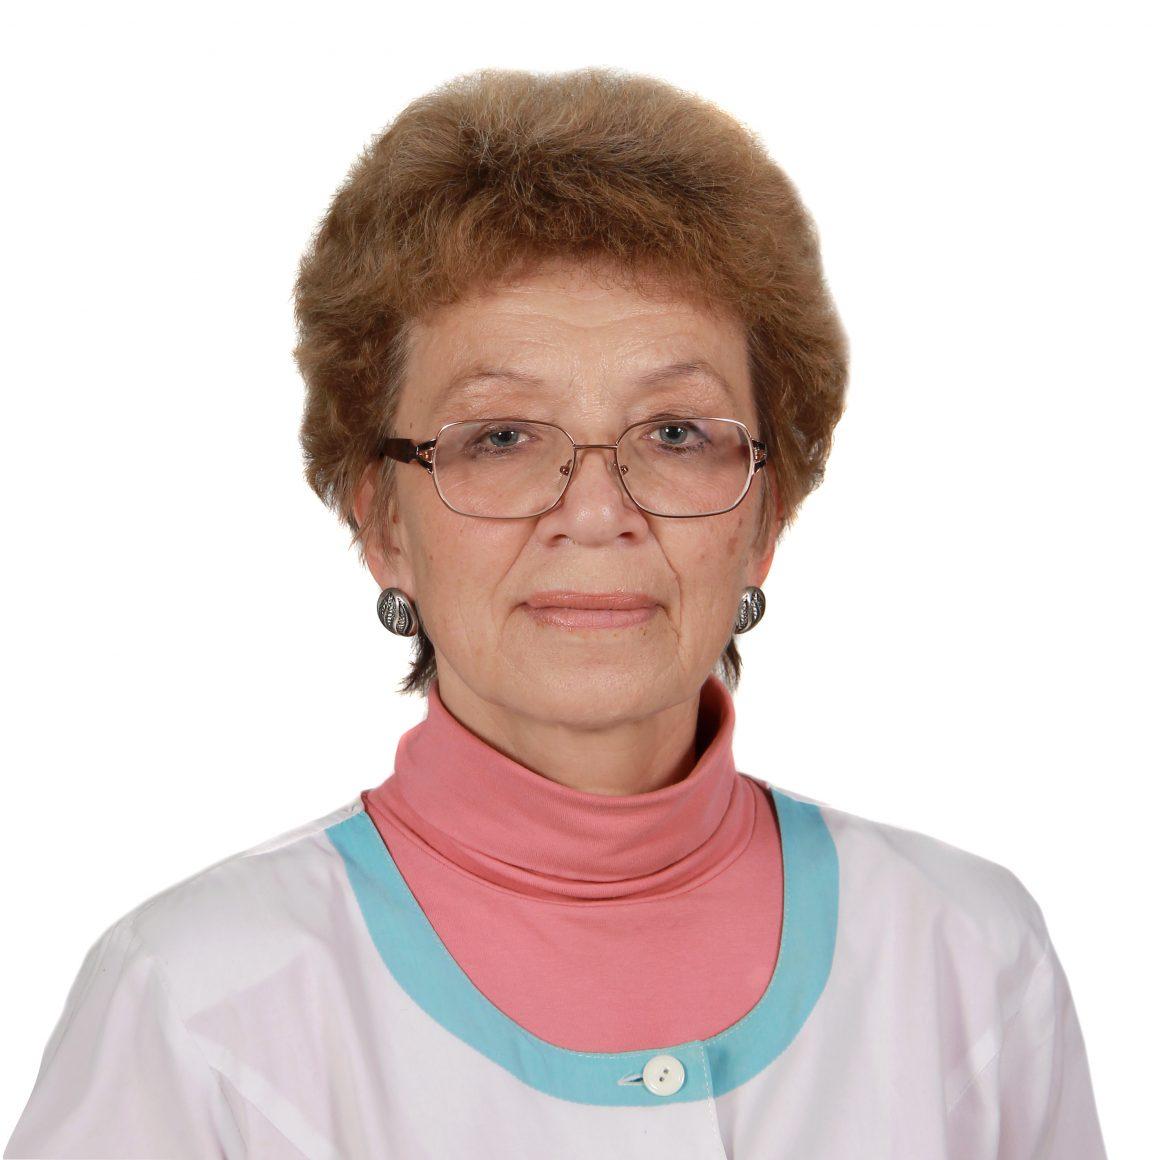 Поликлиника - Волгоград - Волгоградский областной клинический онкологический диспансер